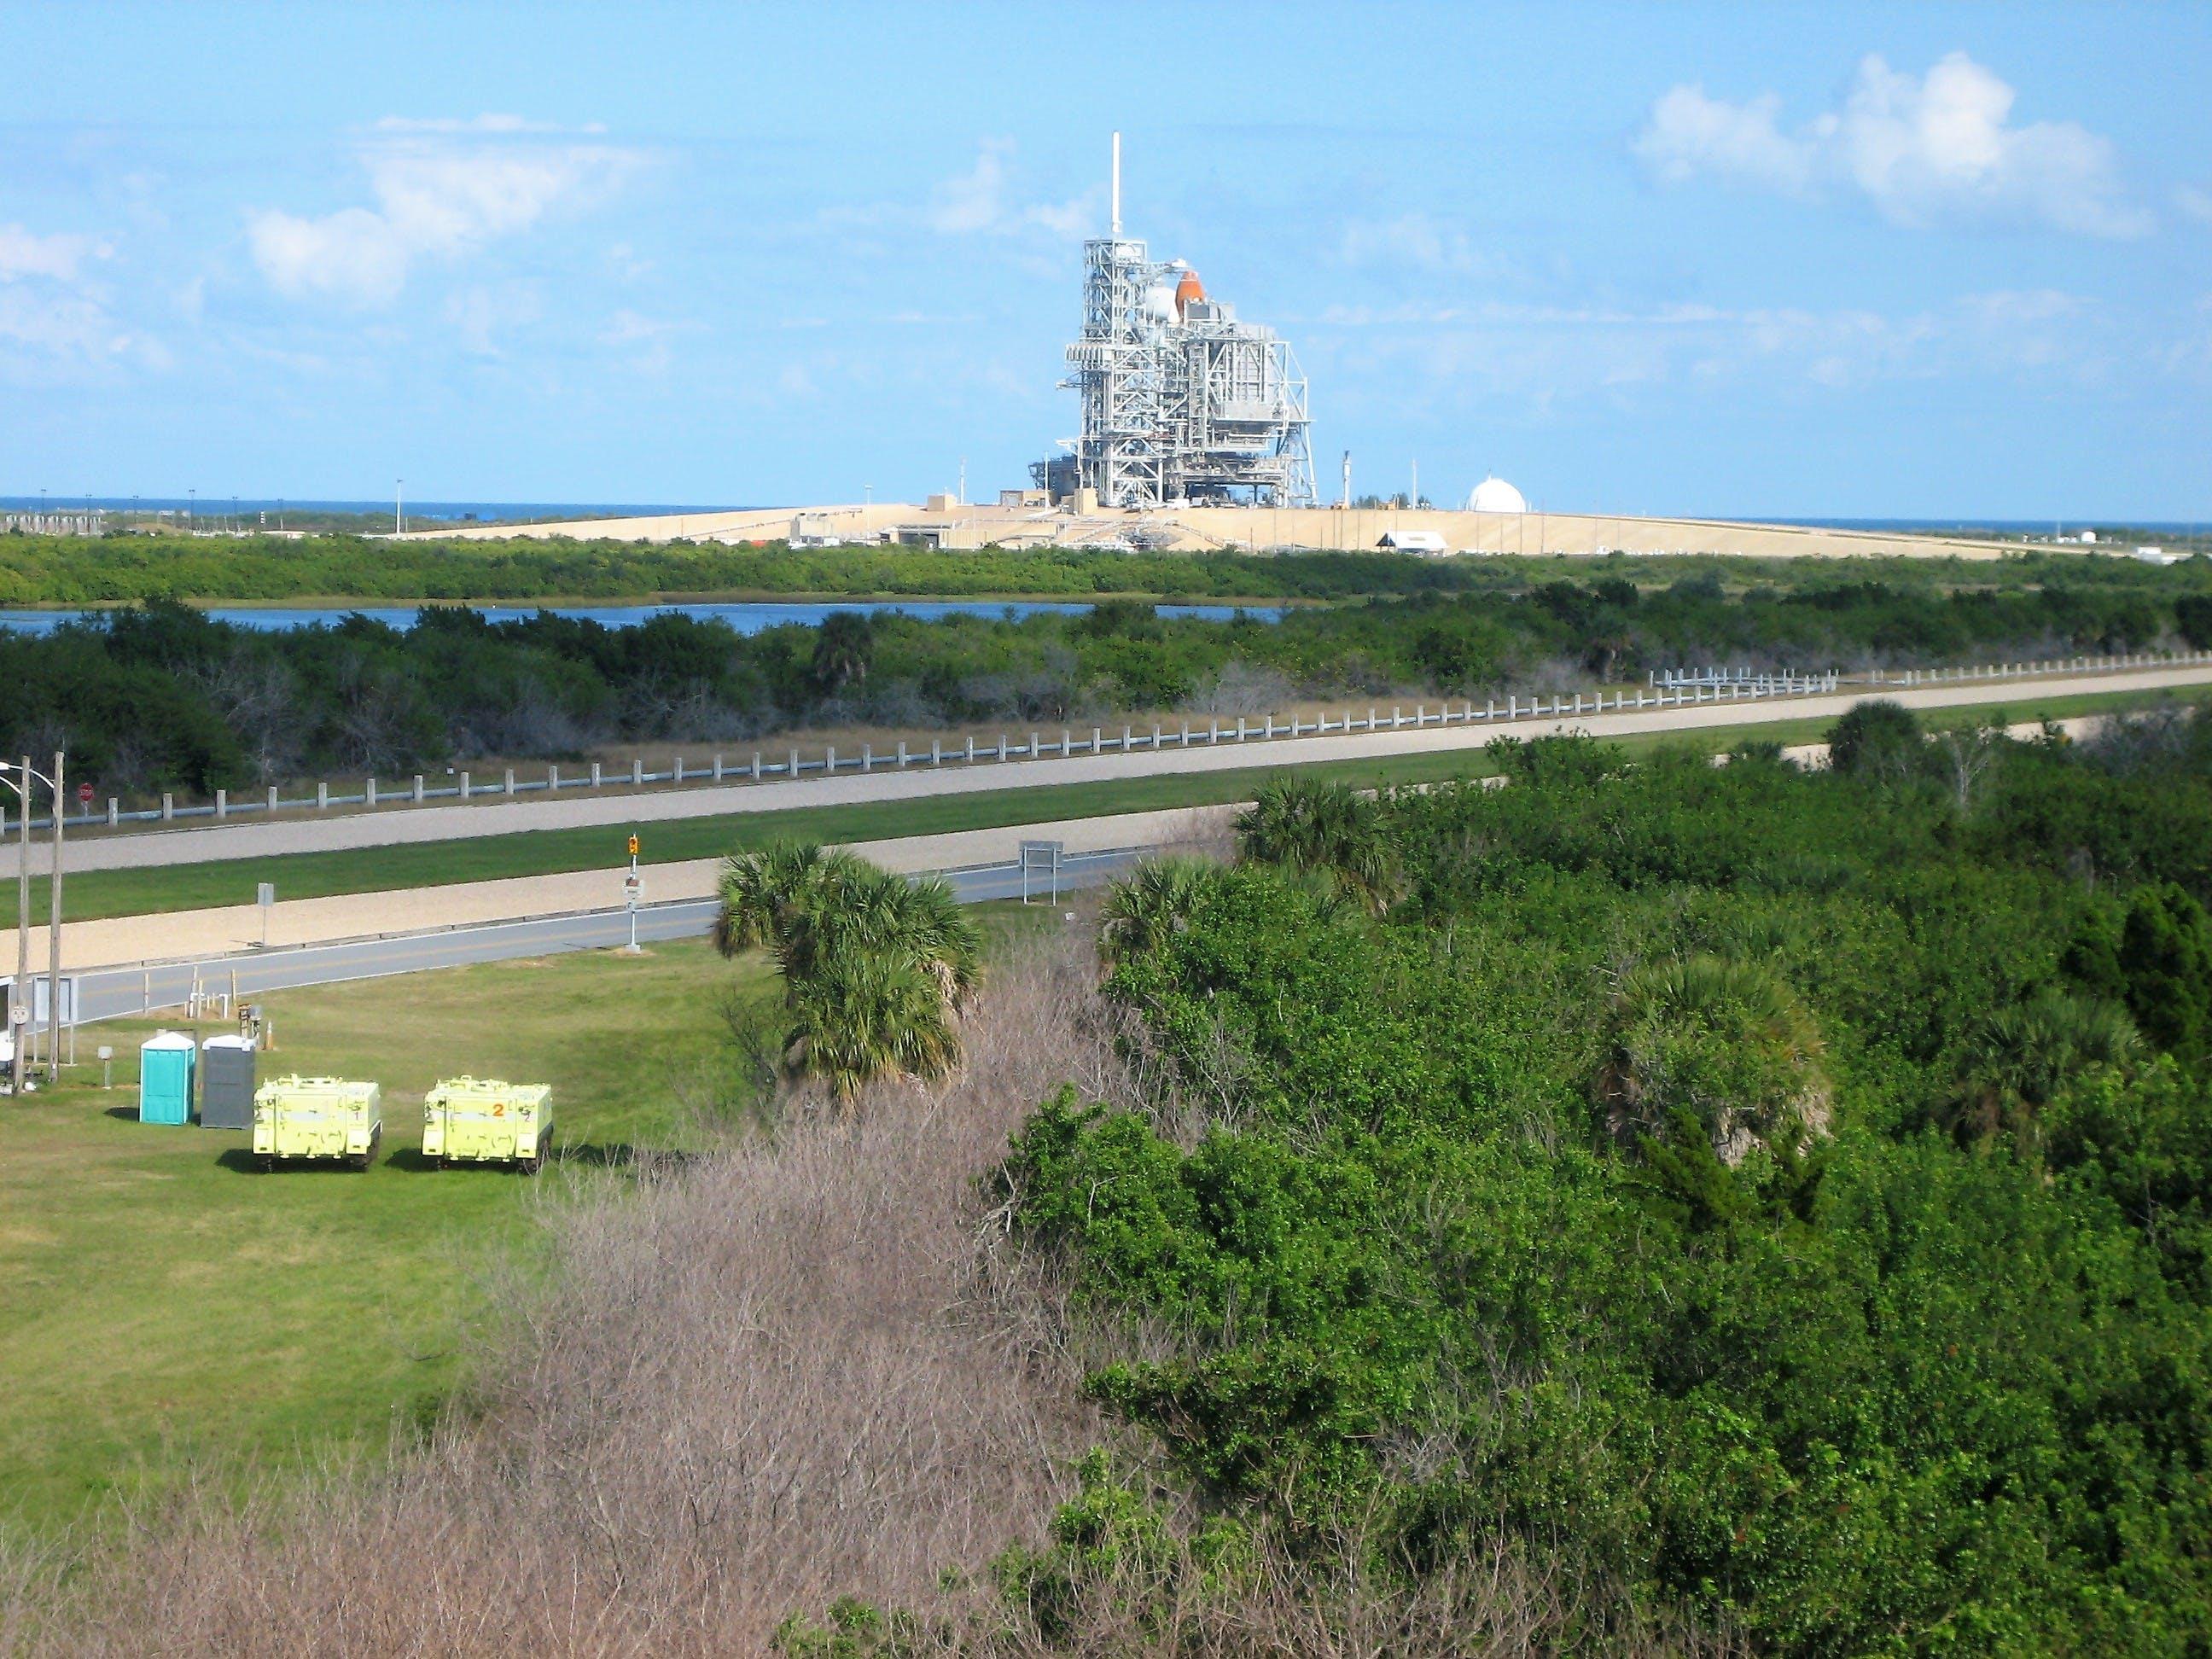 Gratis lagerfoto af affyringsrampe, cape canaveral, raketaffyring, rumfærge